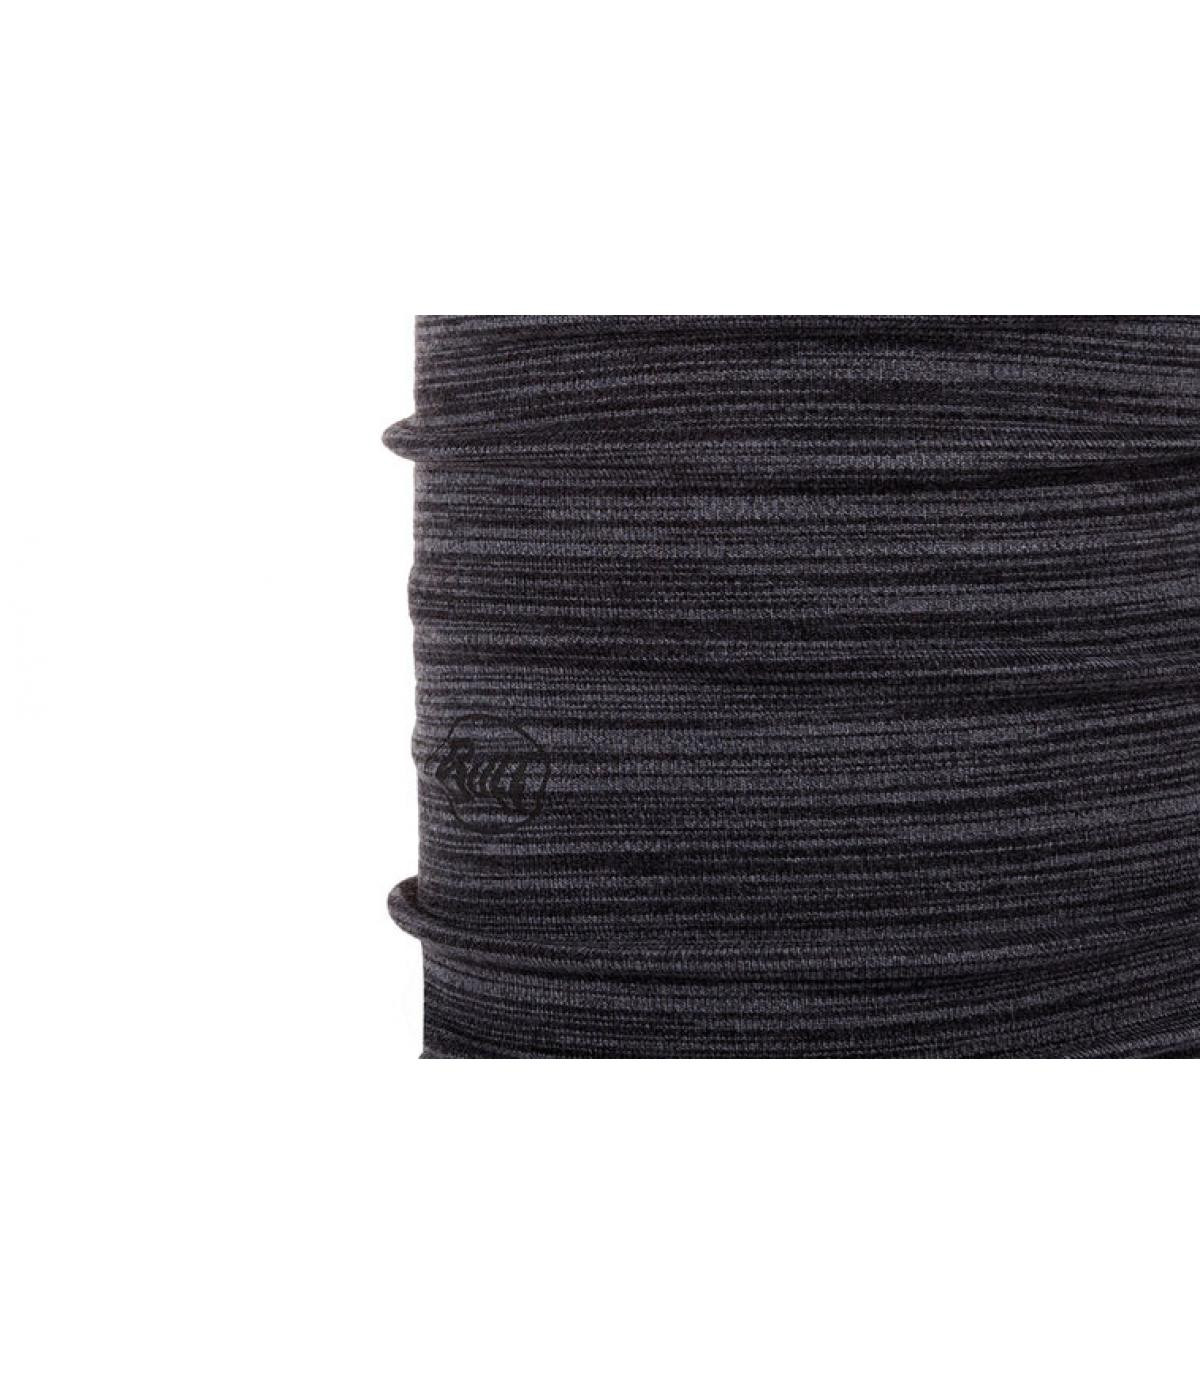 Buff laine gris noir